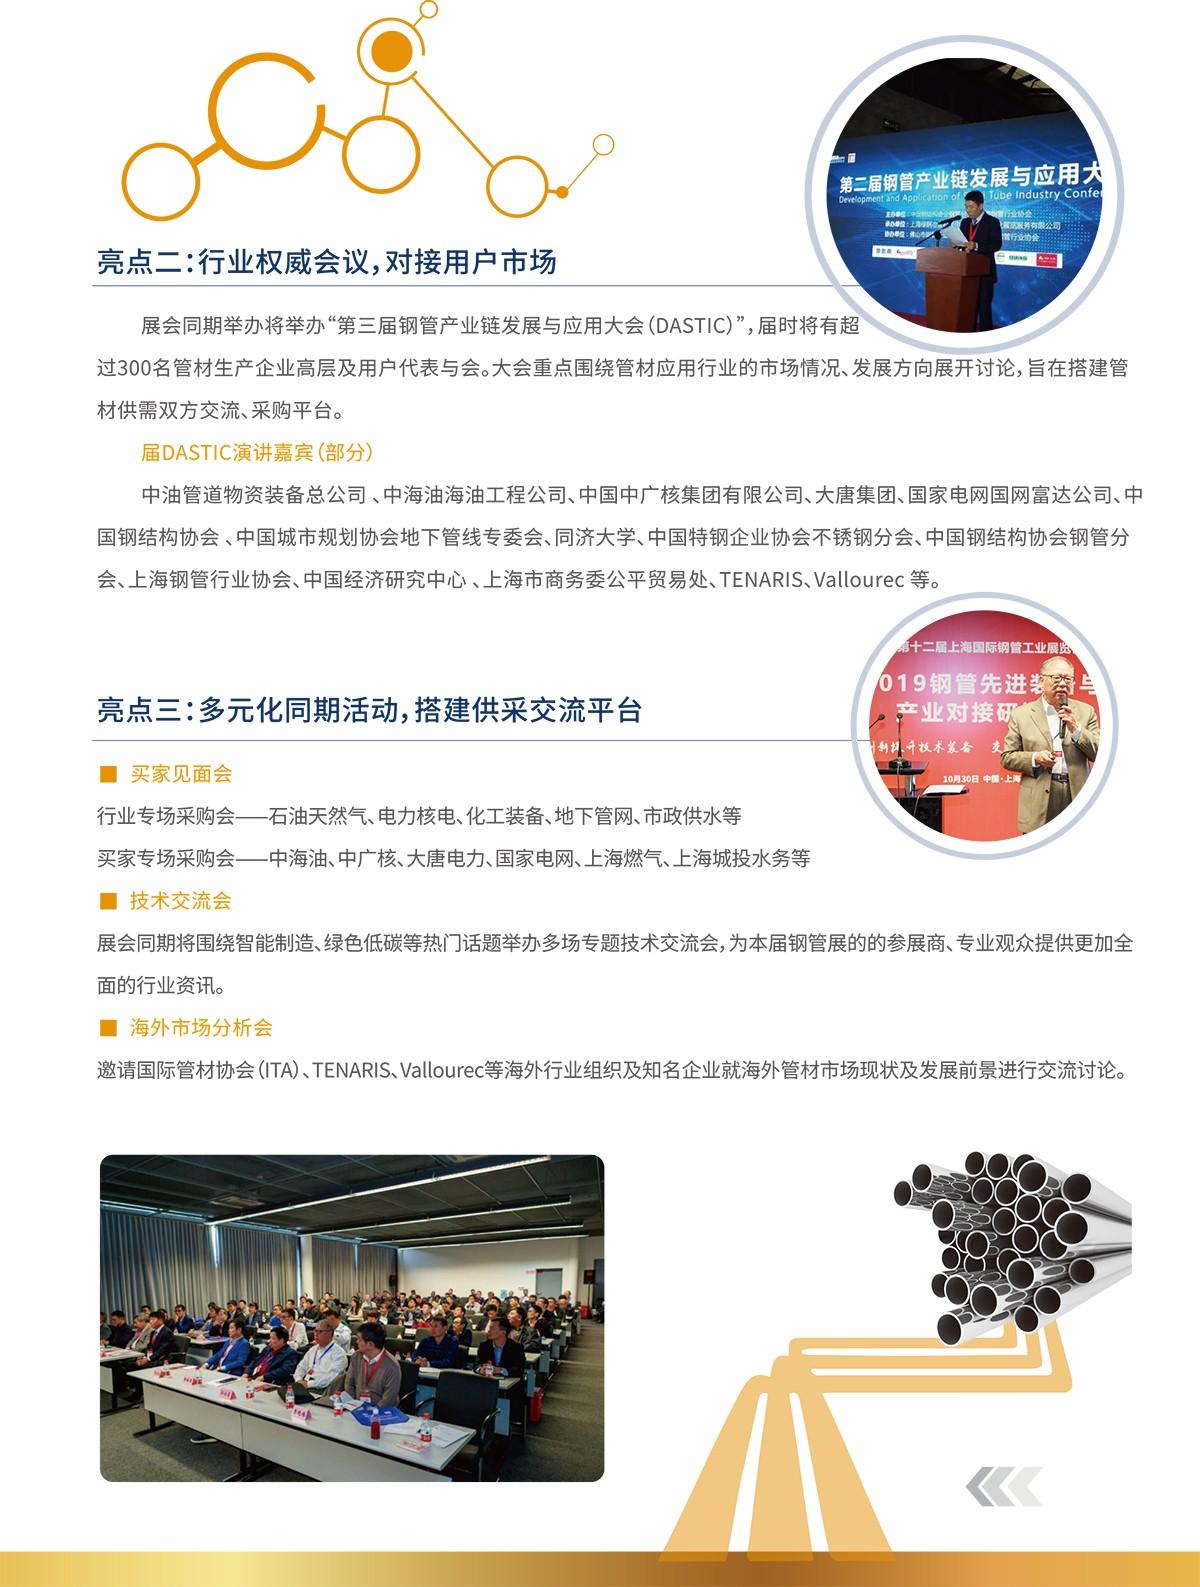 1_2021上海国际钢管工业展览会-5.jpg